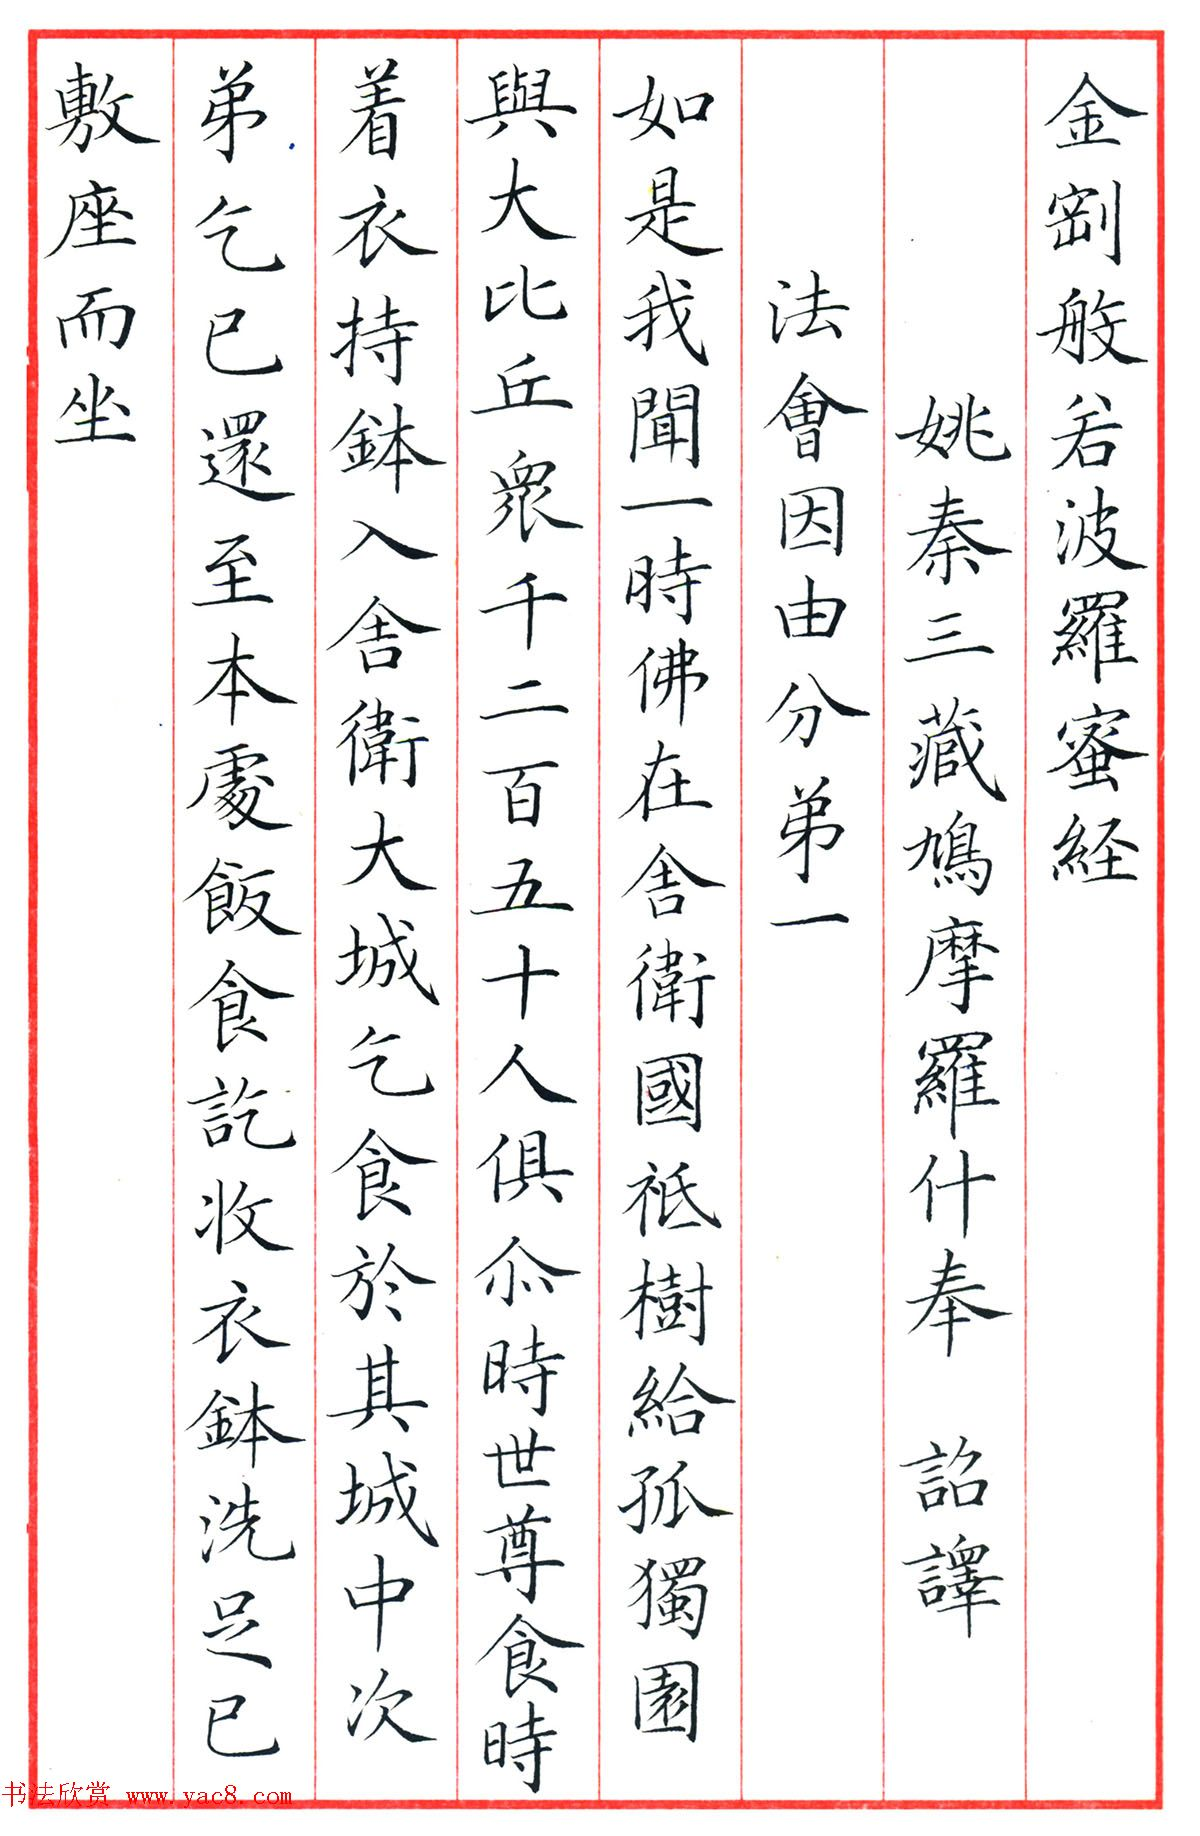 梁林小楷书法《金刚经三十二品》